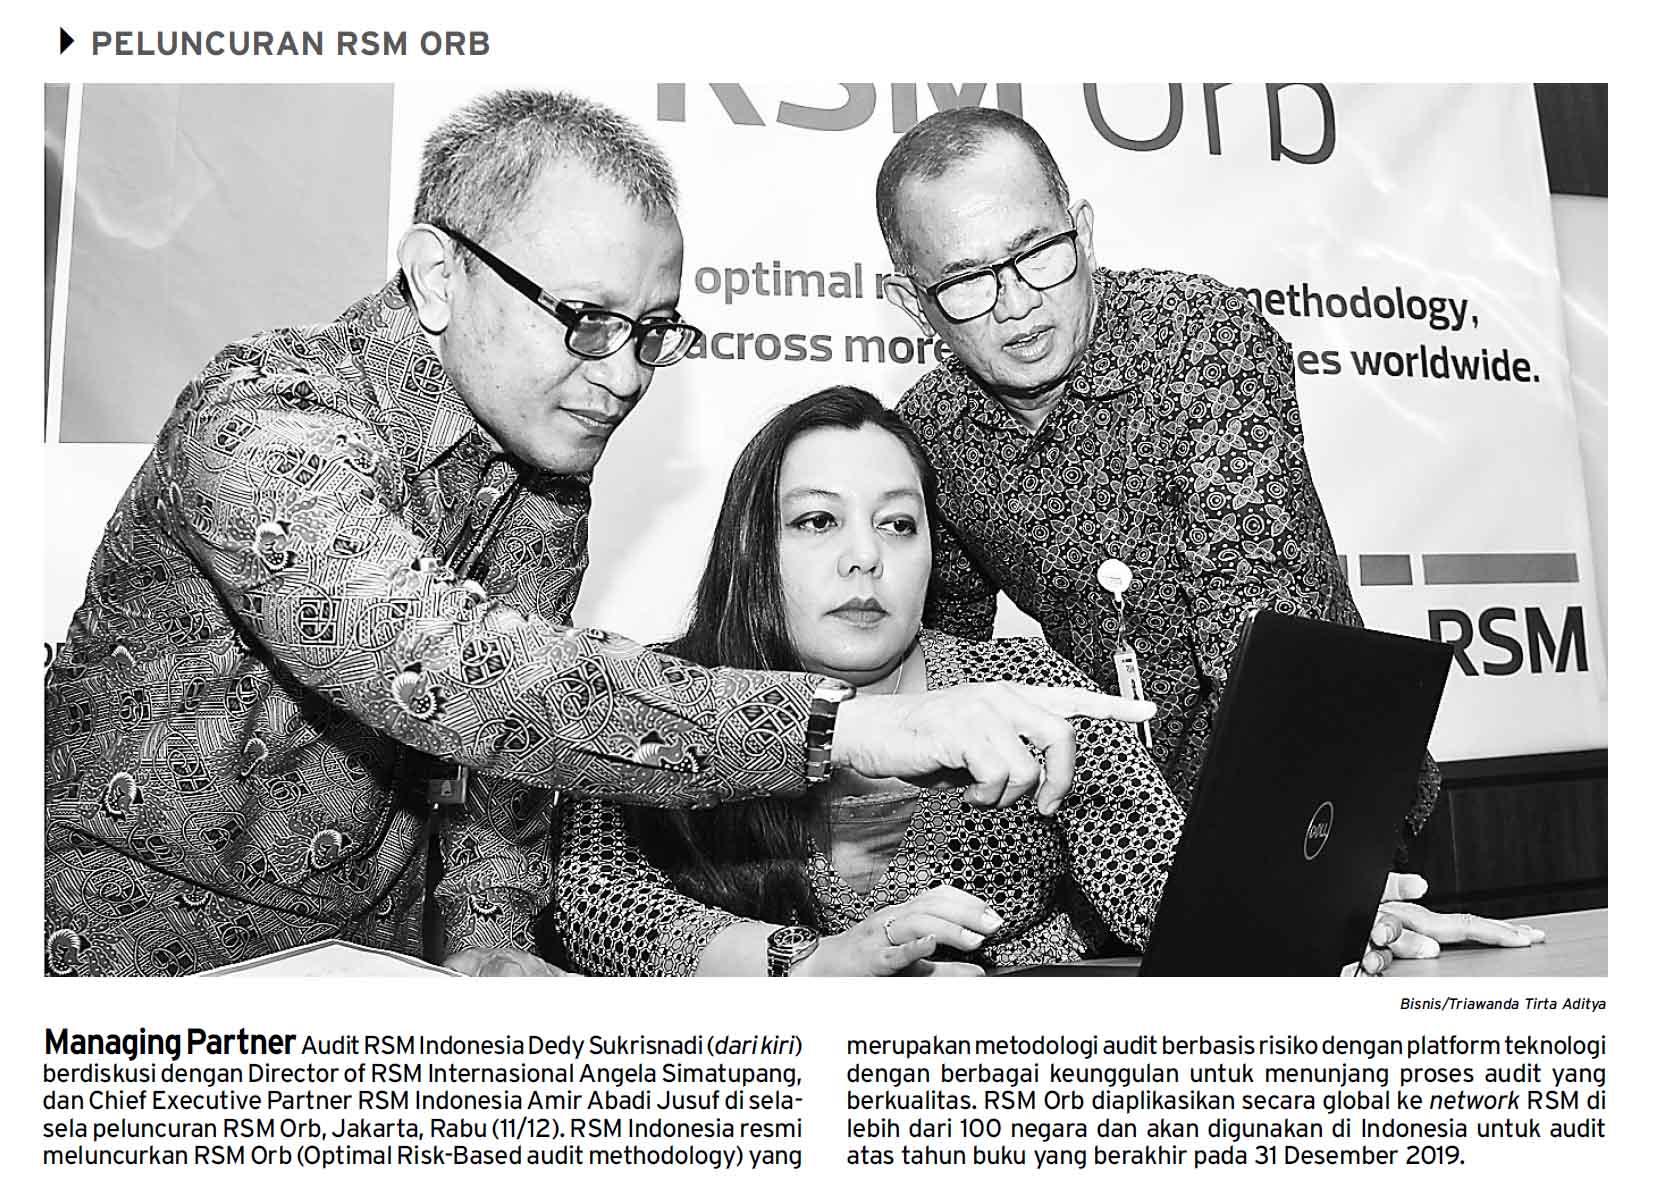 20191212_bisnisindonesiahal22_beritafotopeluncuranrsmorb.jpg